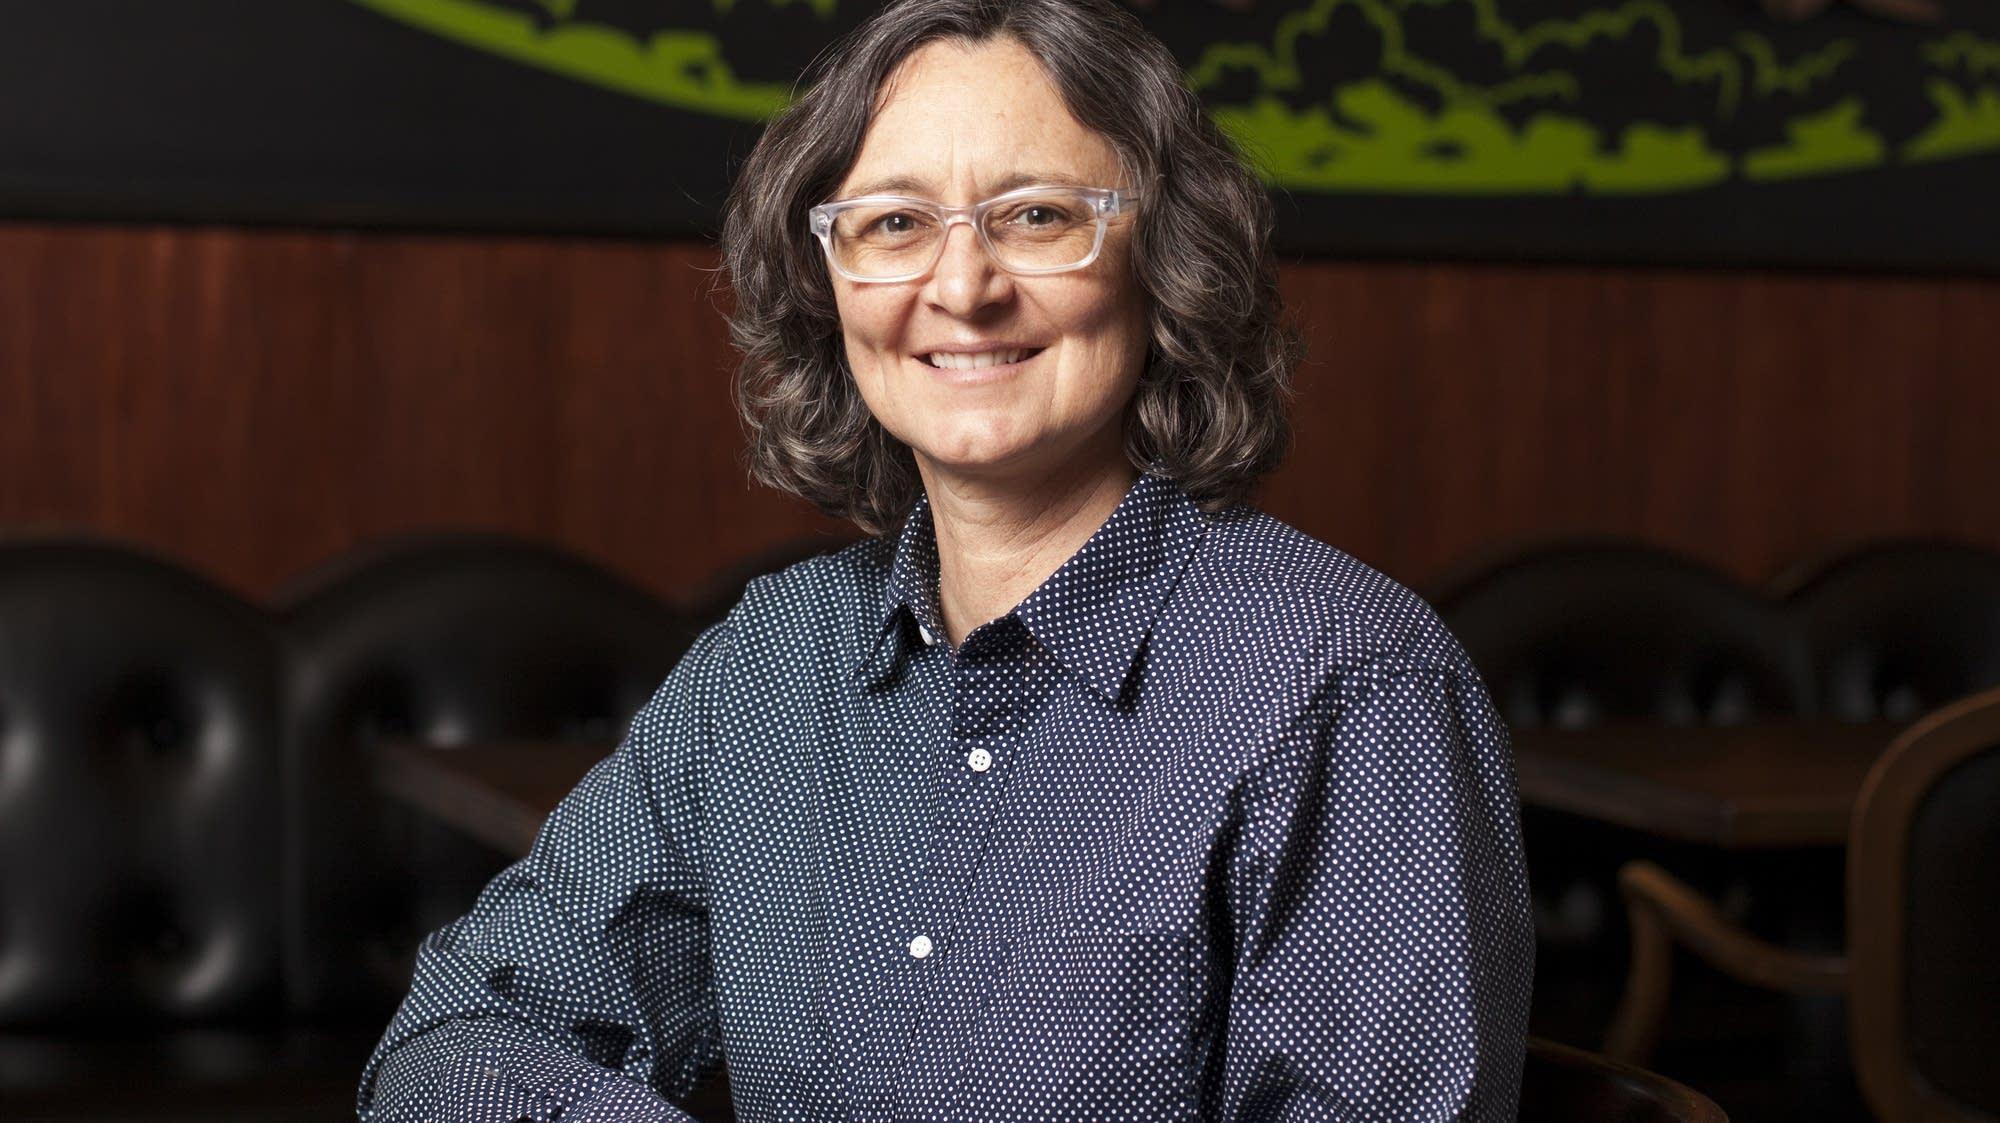 Kim Bartmann, restaurant owner